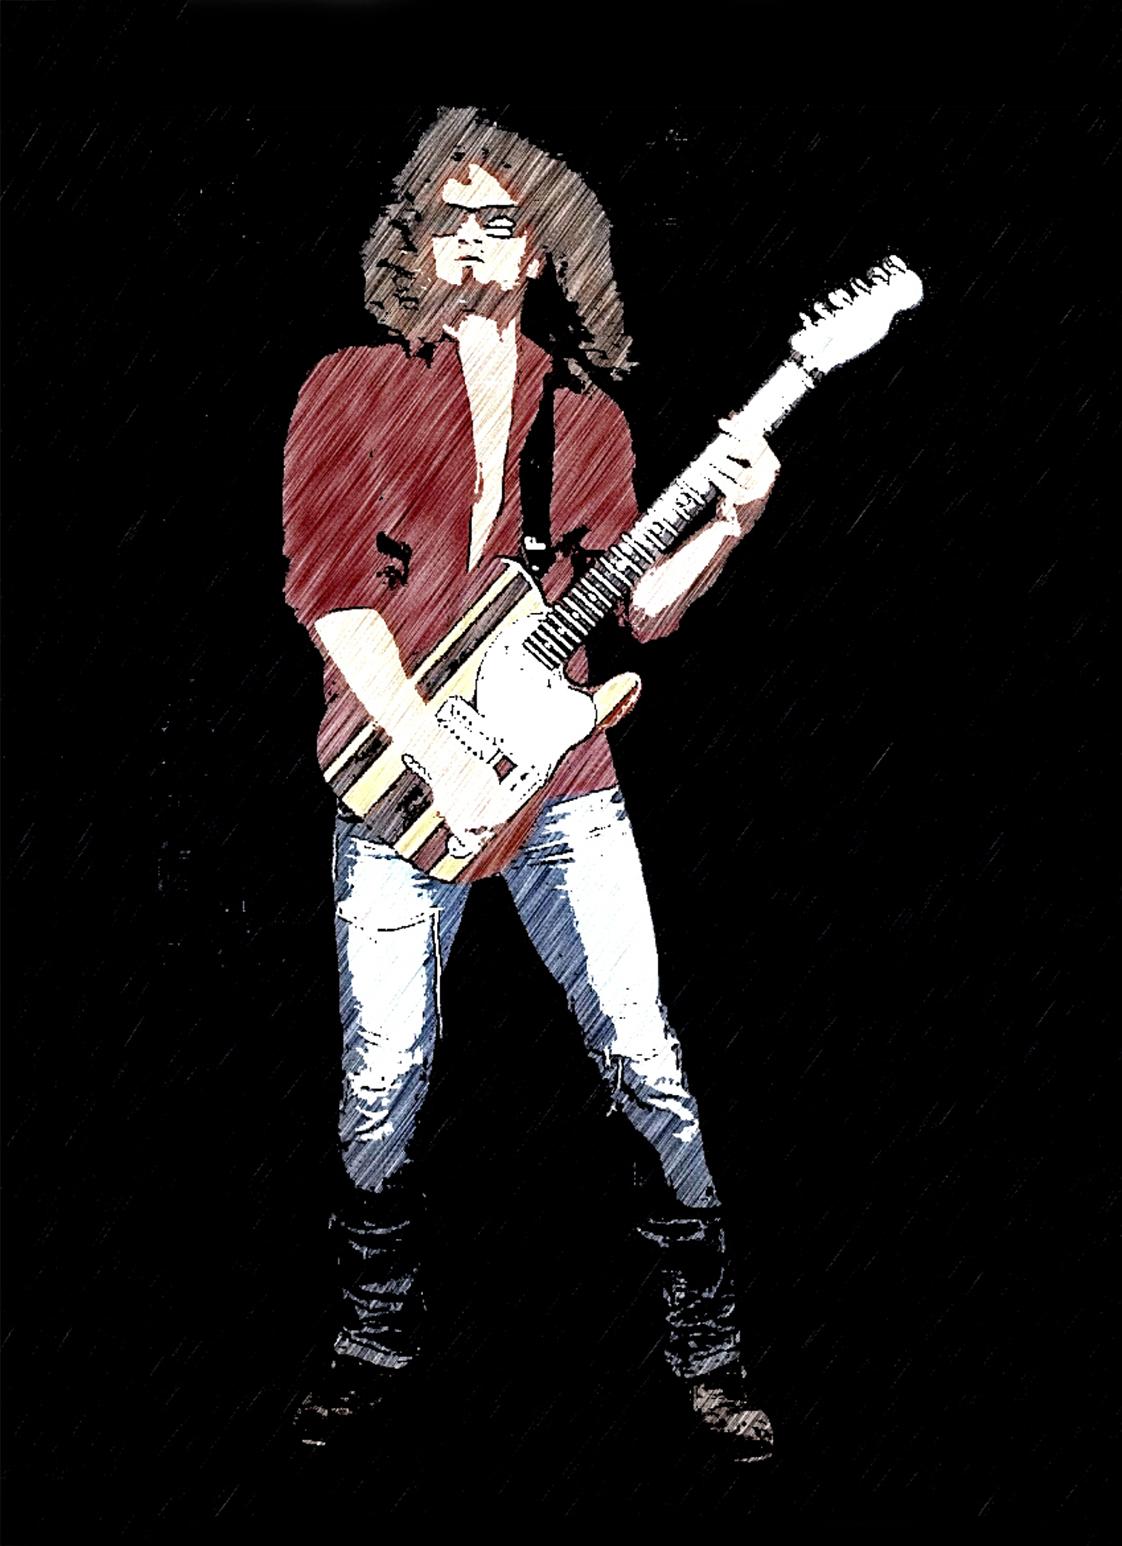 """Esce """"Questa notte"""", il terzo singolo e videoclip di Maurizio Ferrandini"""